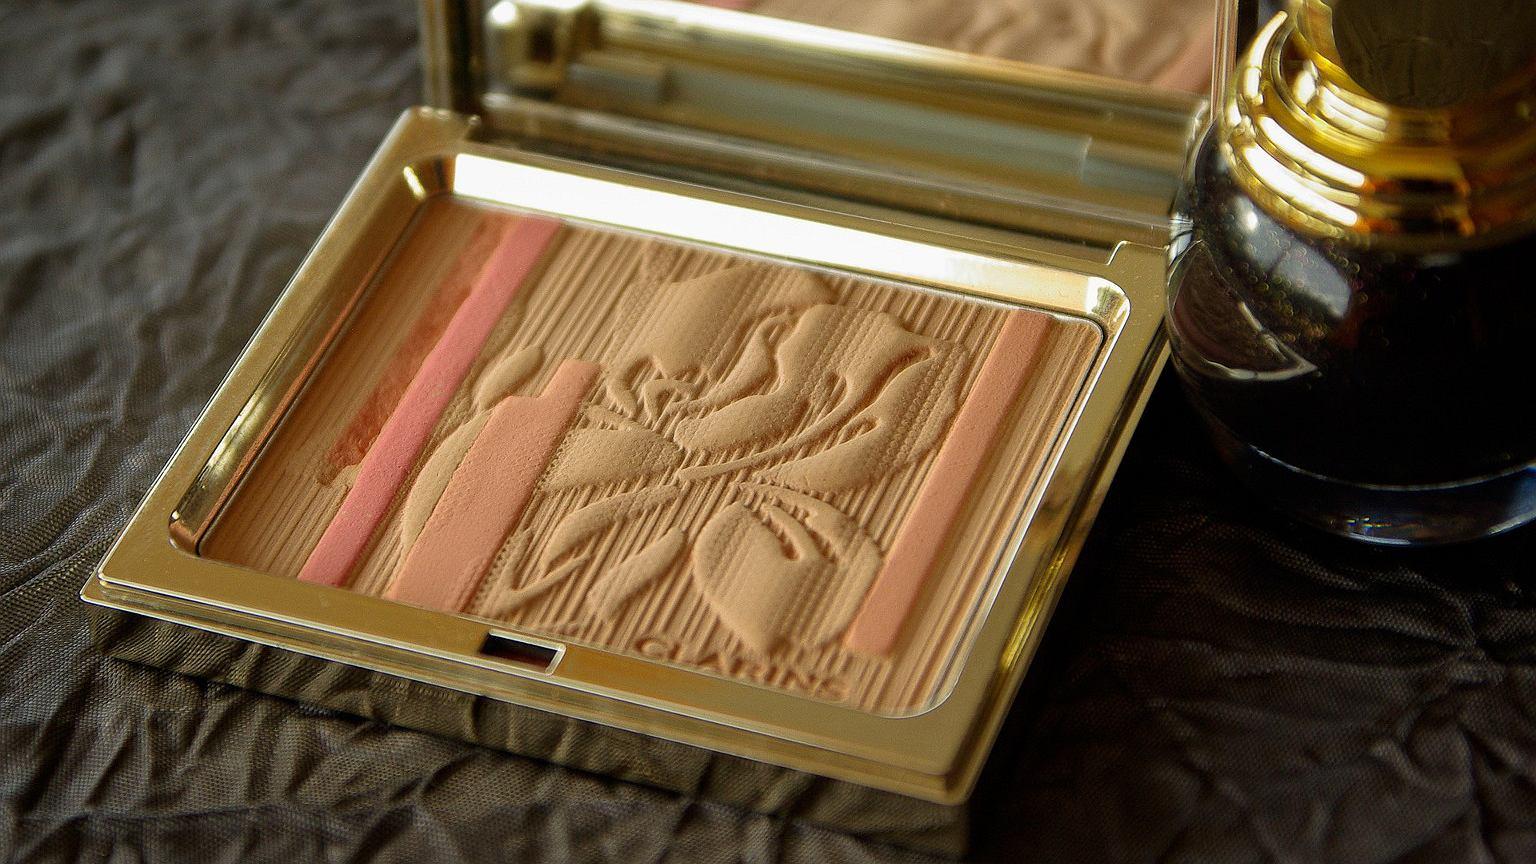 Z czego w starożytności produkowano kosmetyki?